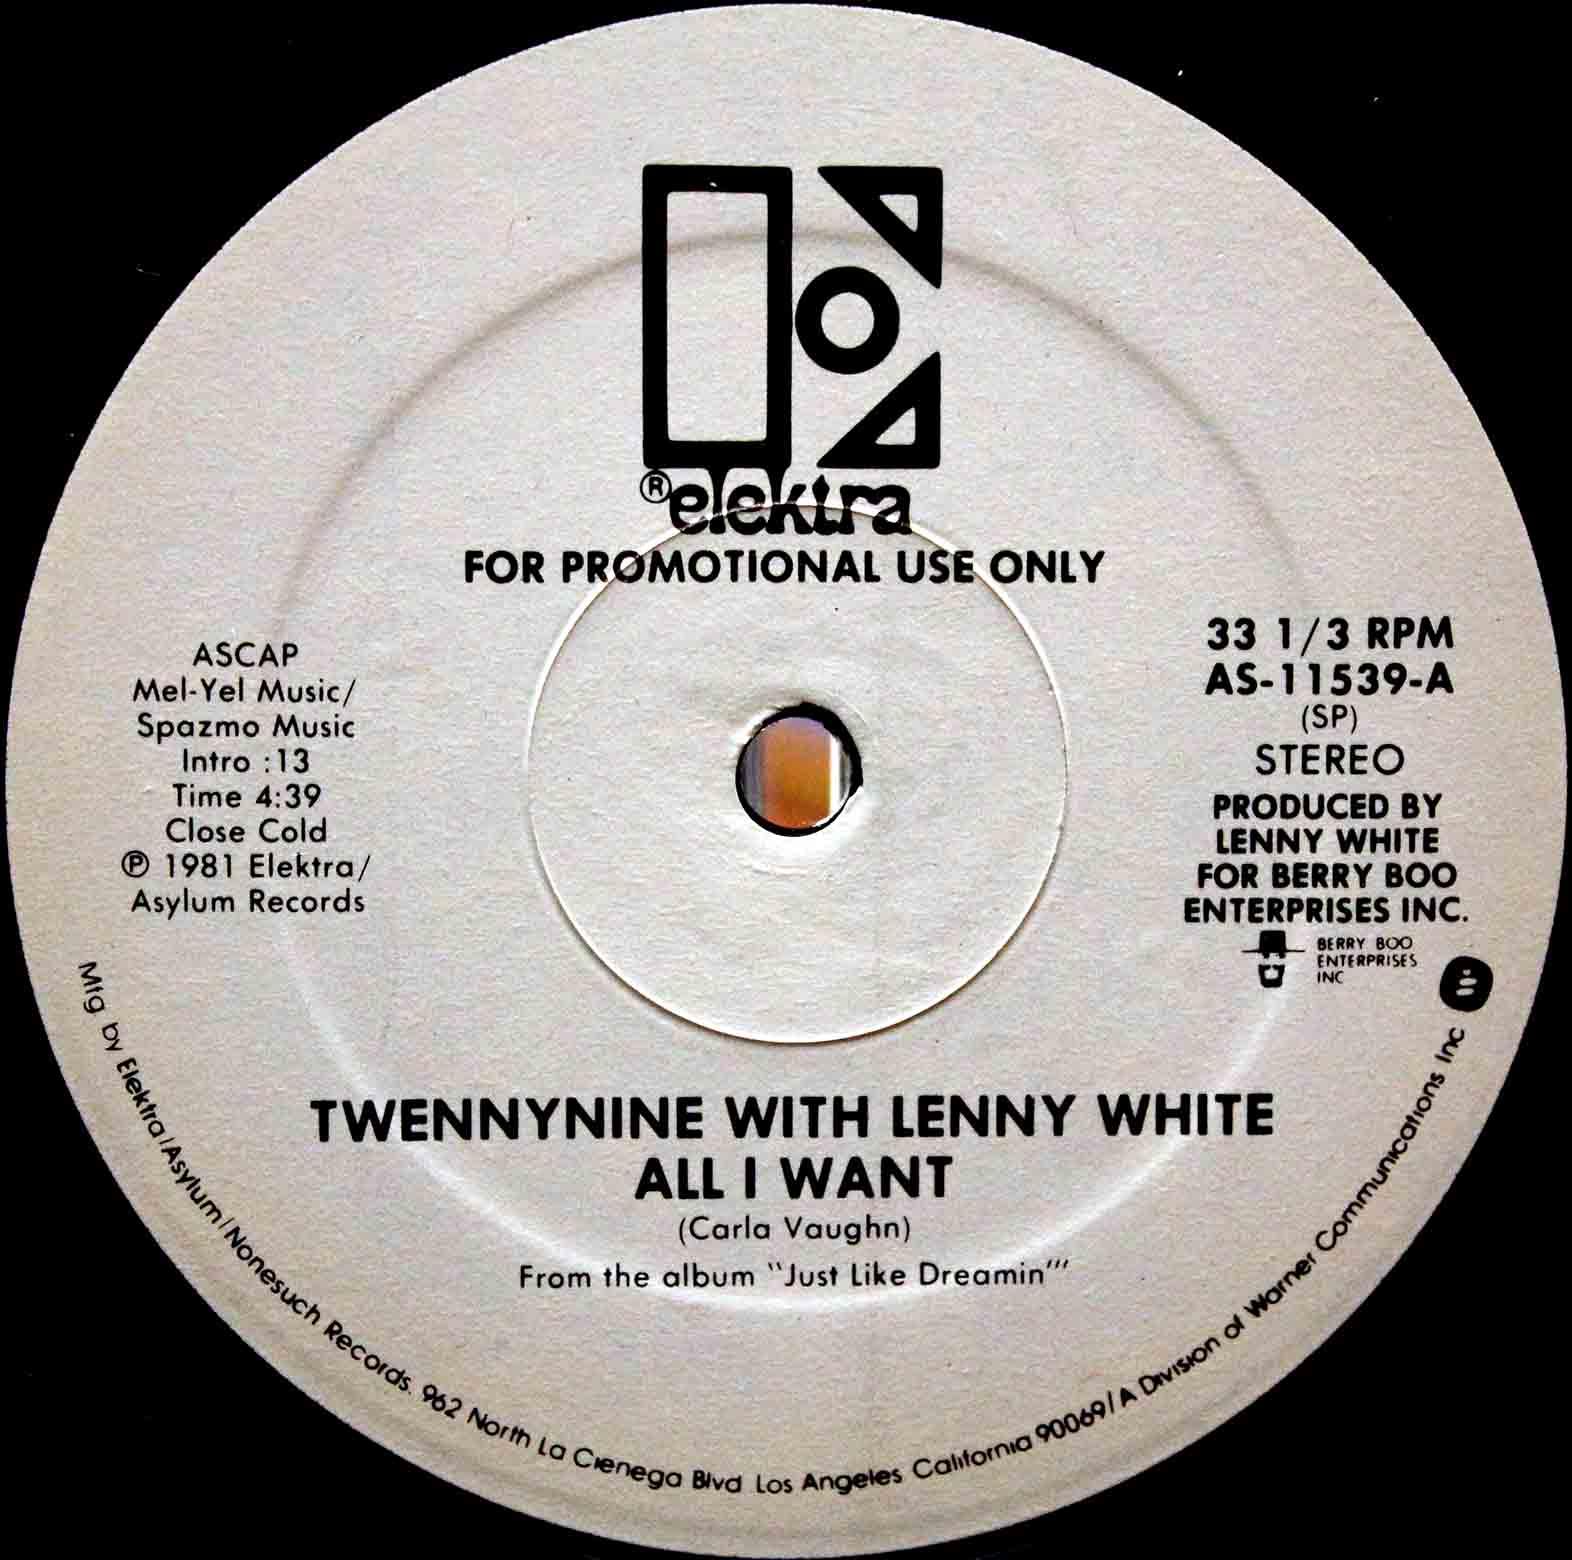 Twennynine With Lenny White - Twennynine (The Rap) 04